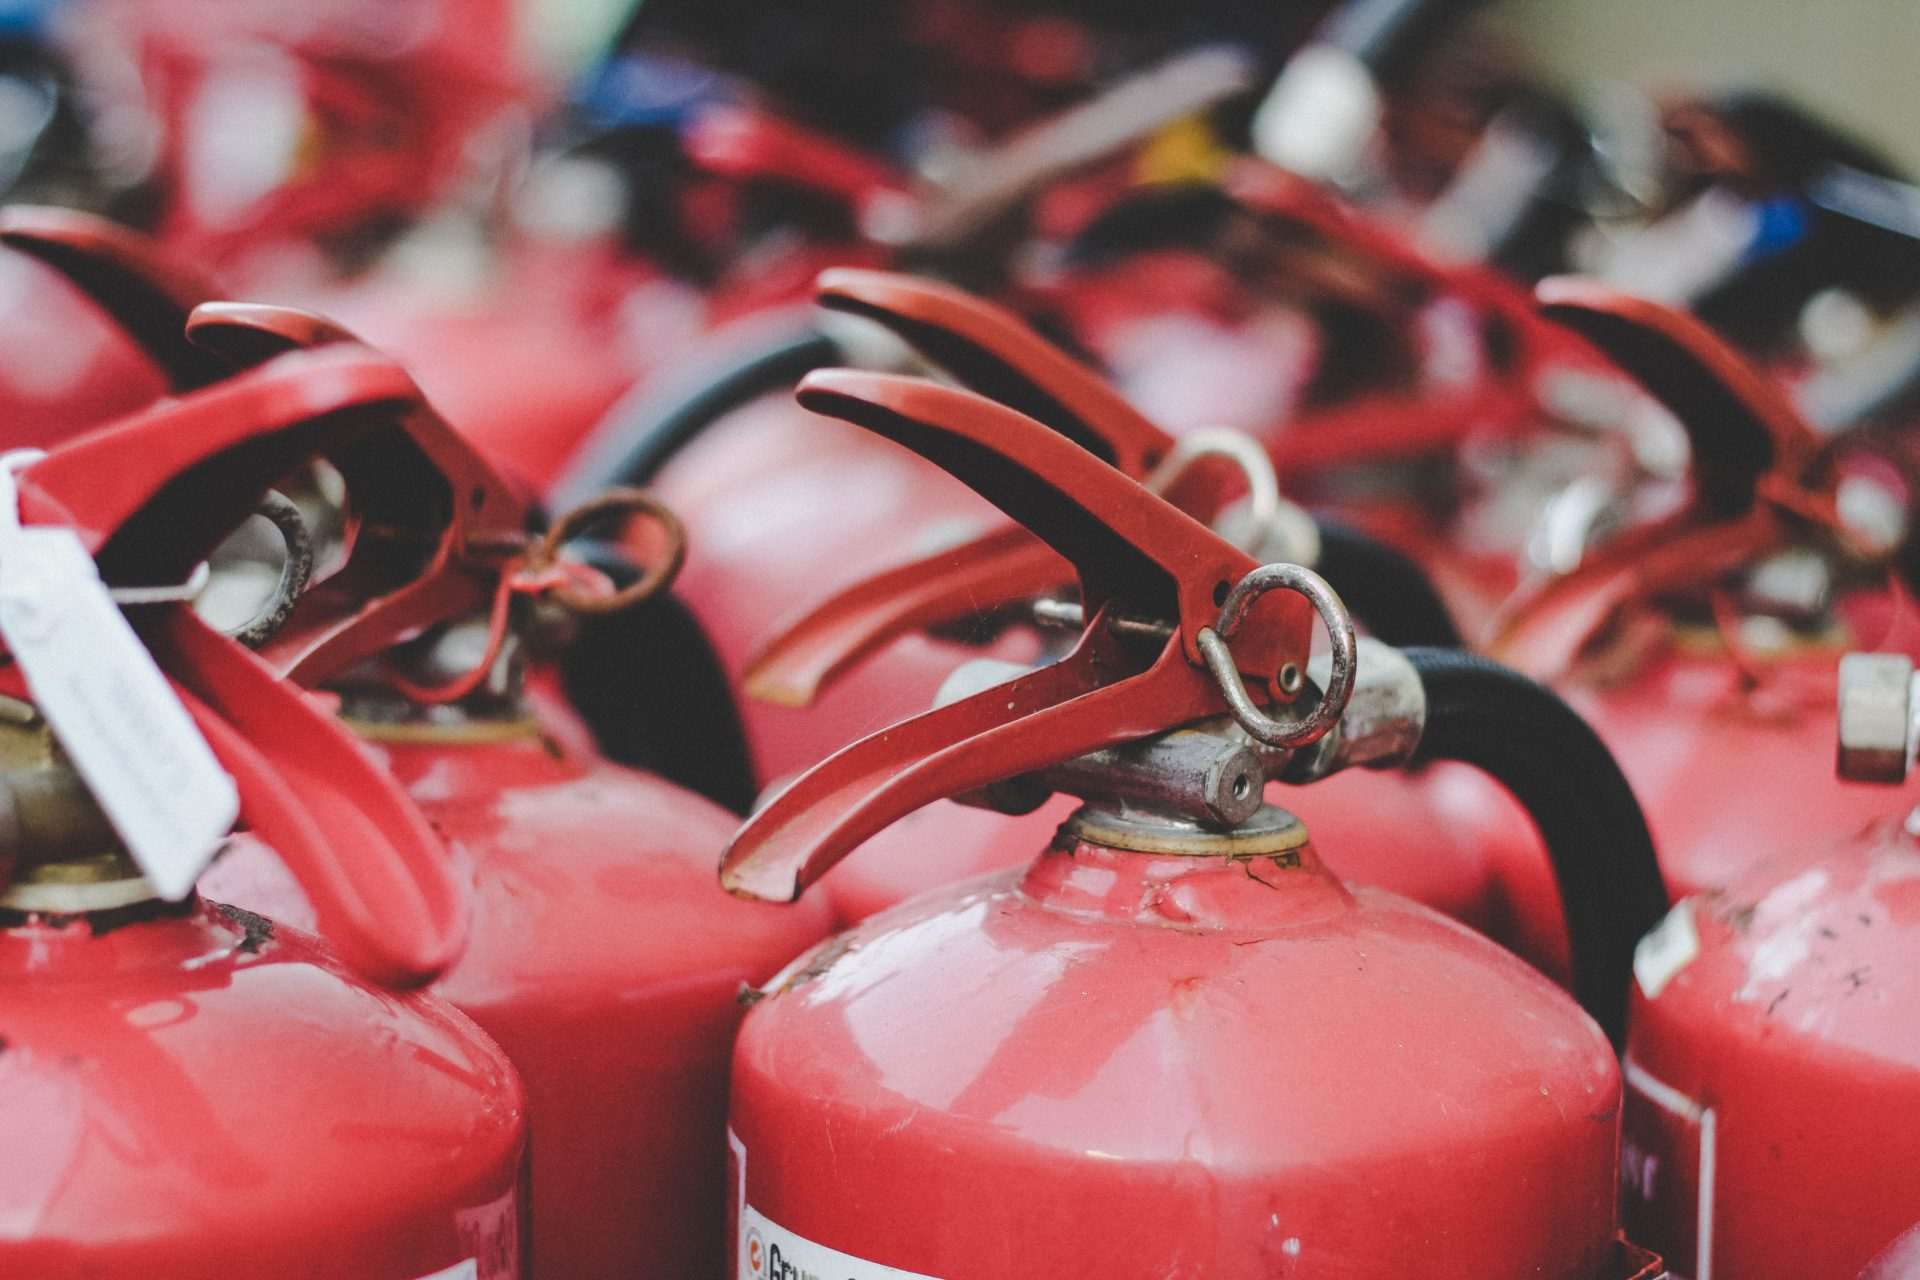 sicurezza antincendio sgsa PHOS fornisce consulenze, servizi, personale e formazione in tutti gli aspetti del D.M. 19/03/2015 in merito all'adeguamento antincendio.